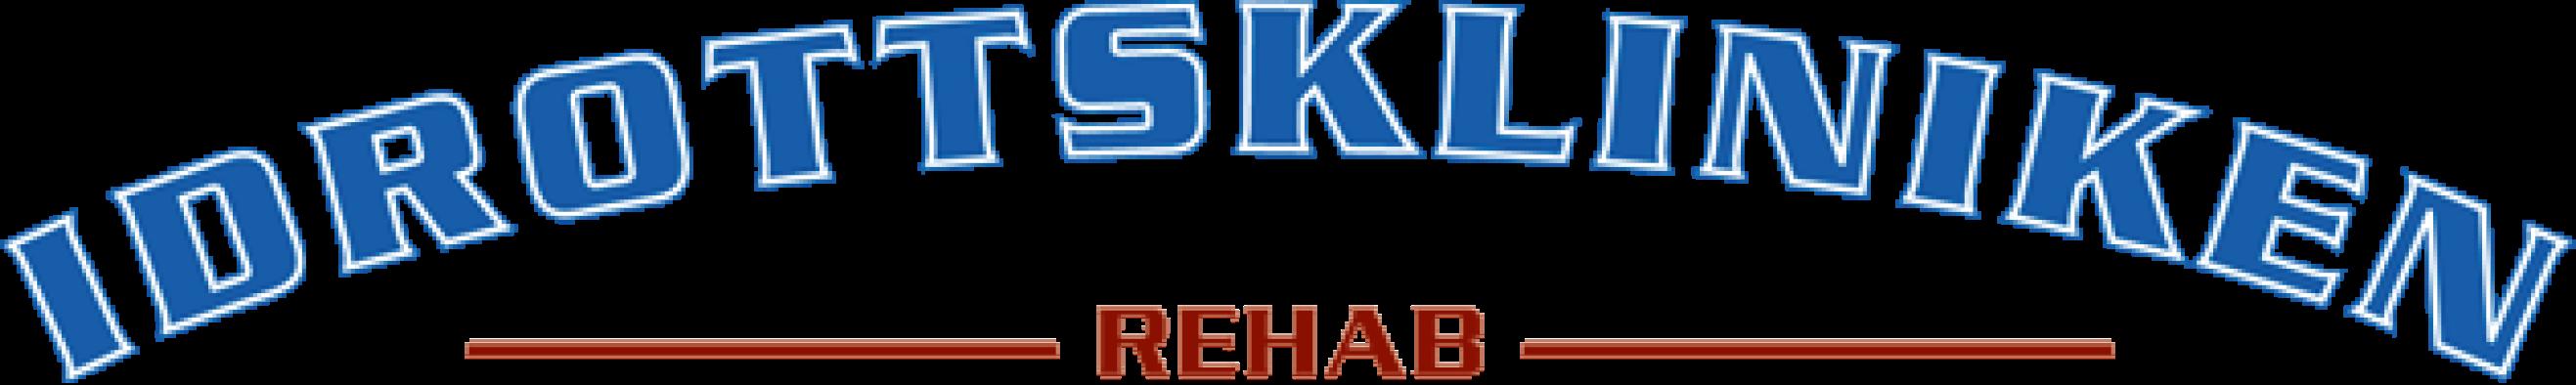 Idrottskliniken Rehab